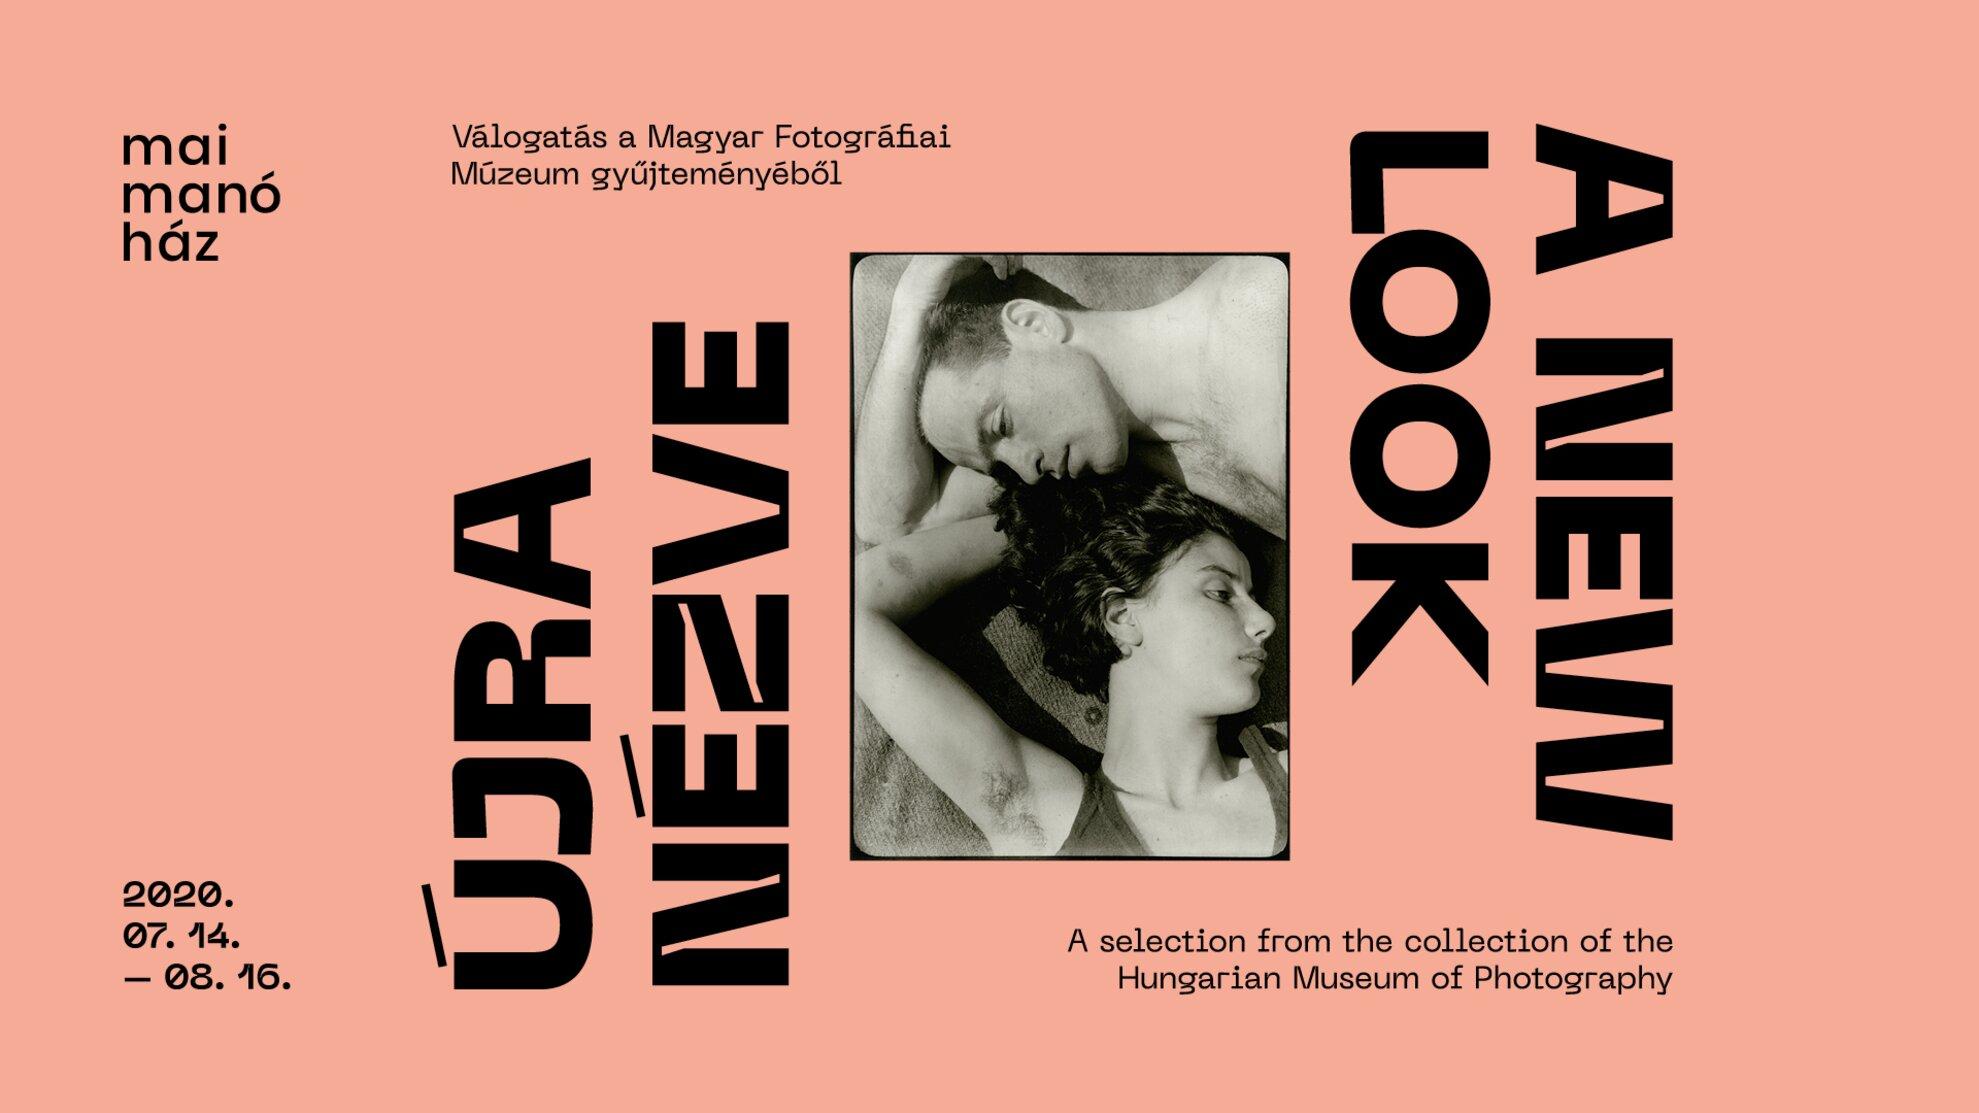 Újranézve – Válogatás a Magyar Fotográfiai Múzeum gyűjteményéből